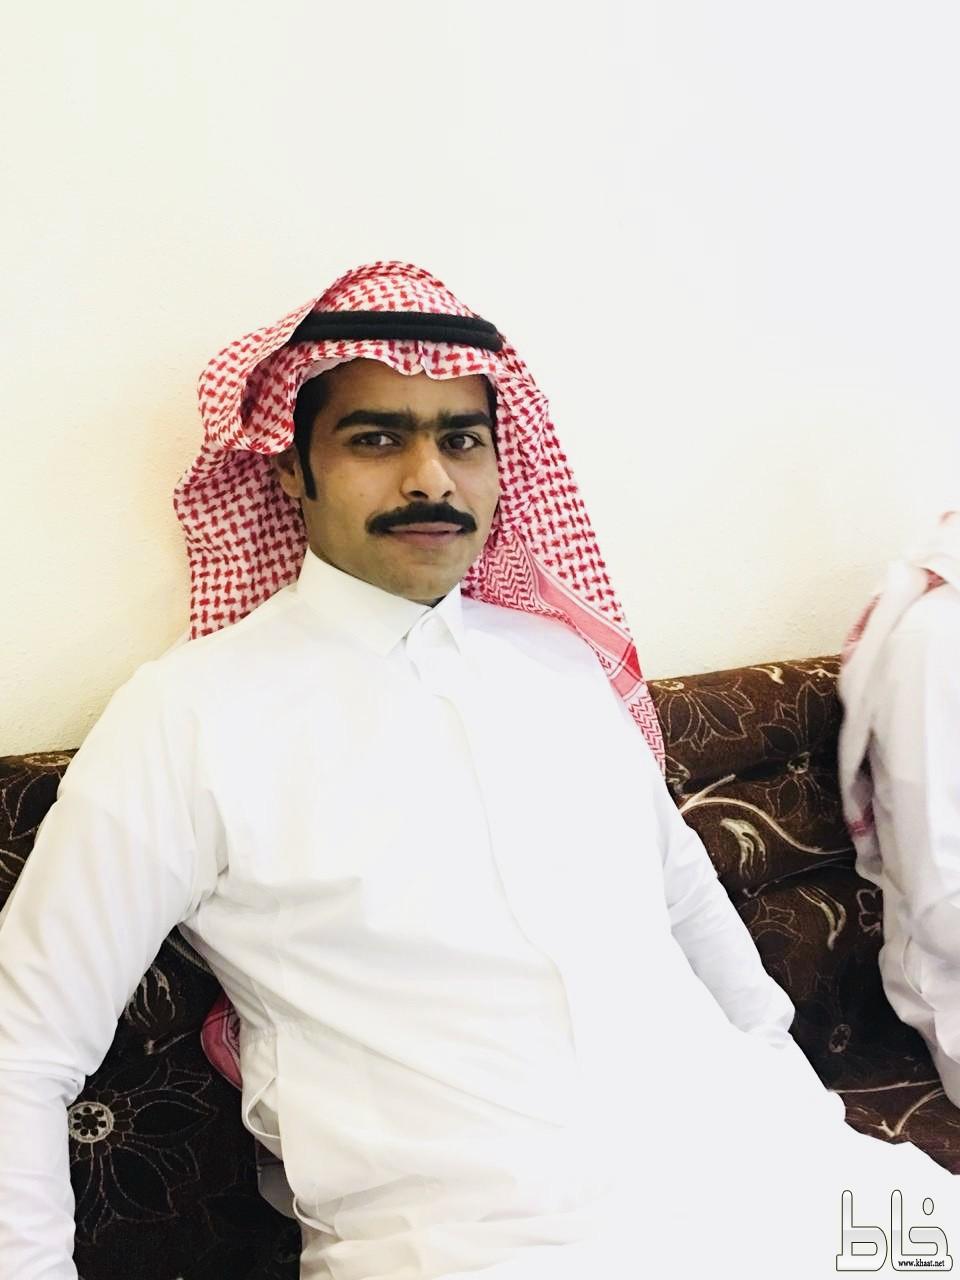 الشاب أبراهيم الشهري يحتفل بعقد قرانة